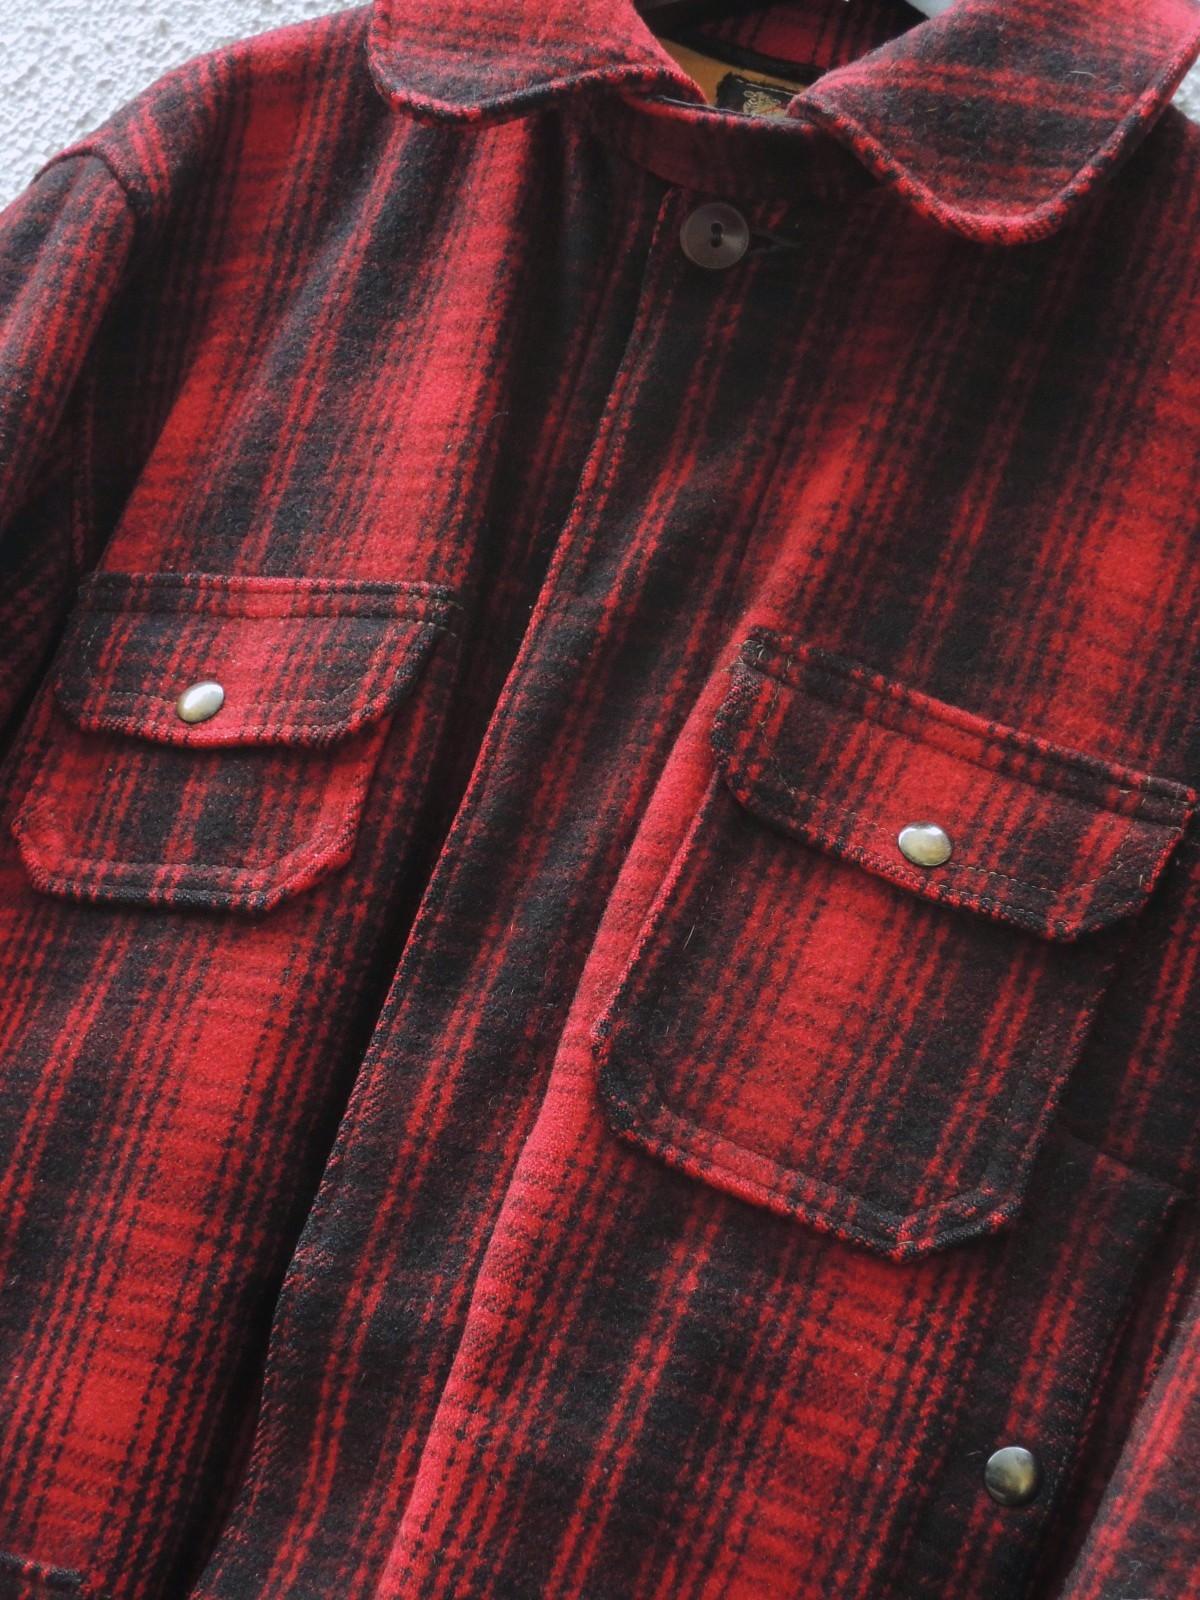 woolrichhuntingjacket_01.JPG